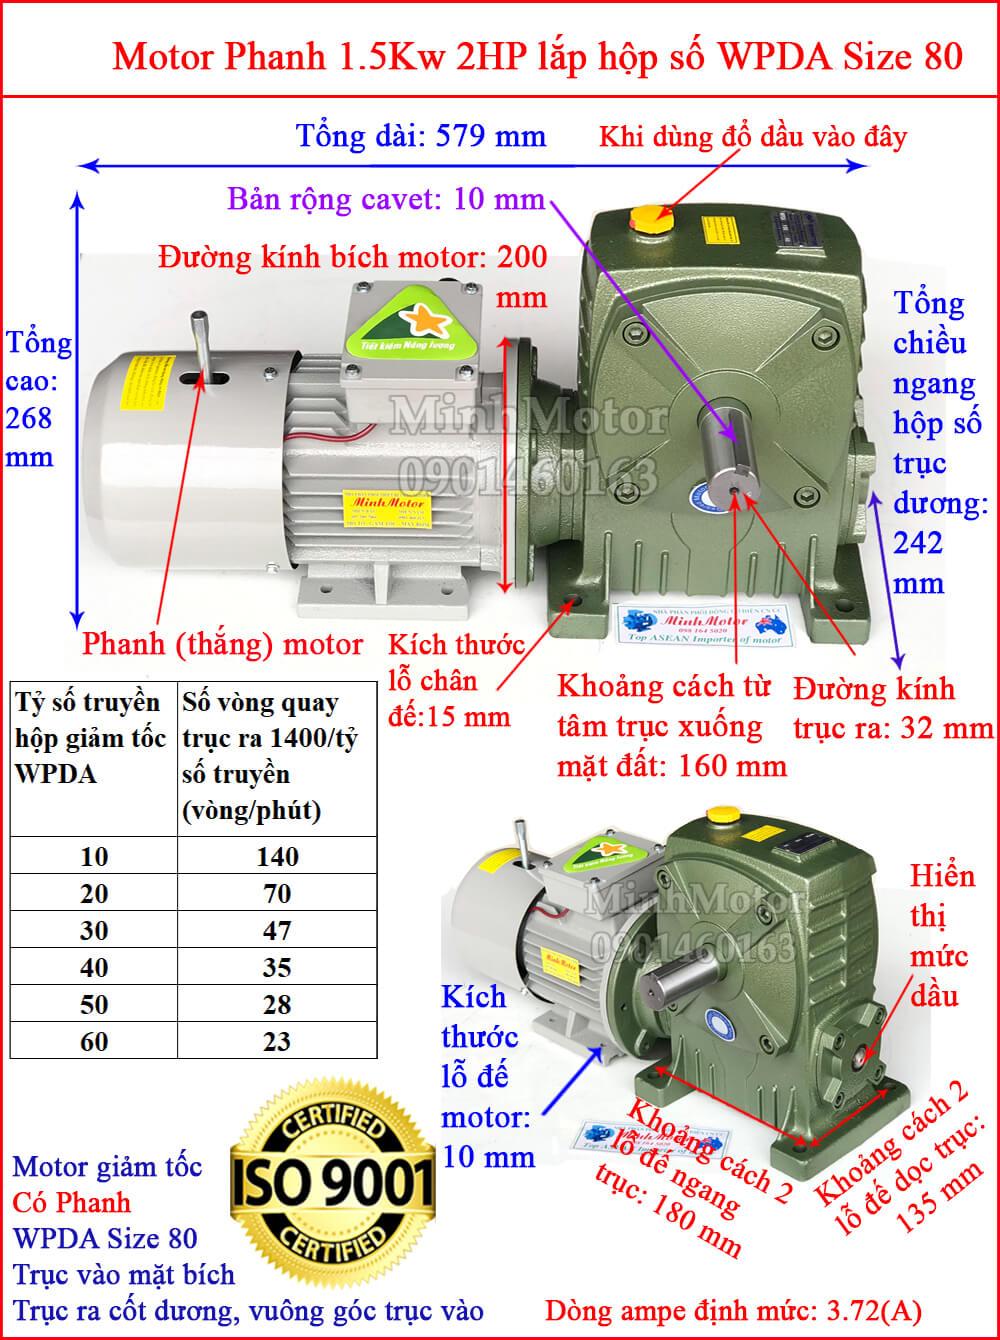 Motor phanh 1.5Kw 2Hp gắn hộp giảm tốc Trục vít WPDA size 100